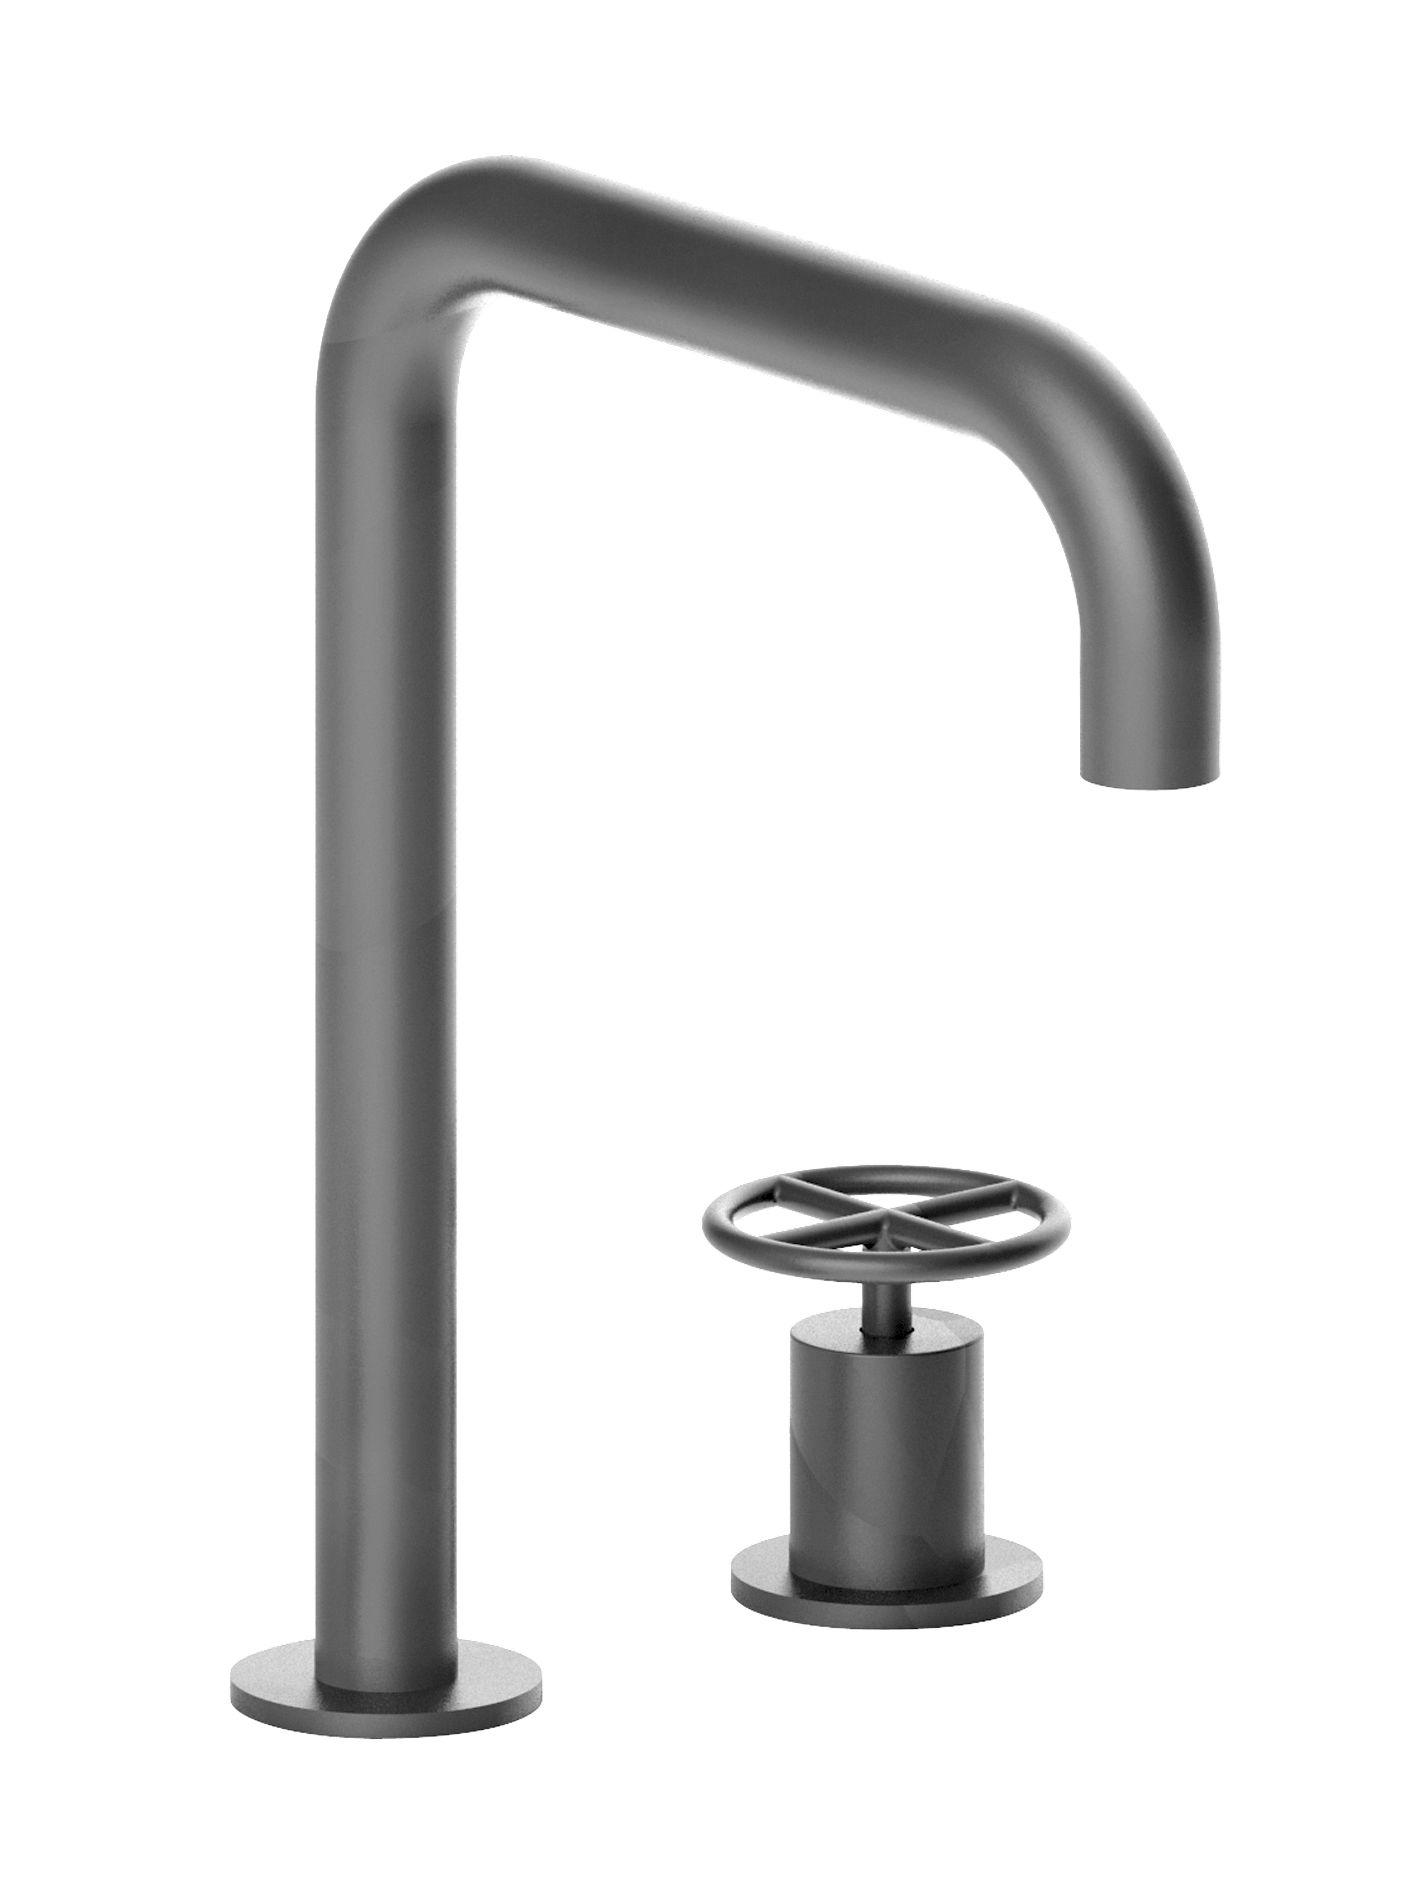 2-hole washbasin mixer / spout projection 18,2 cm / handle / flow ...